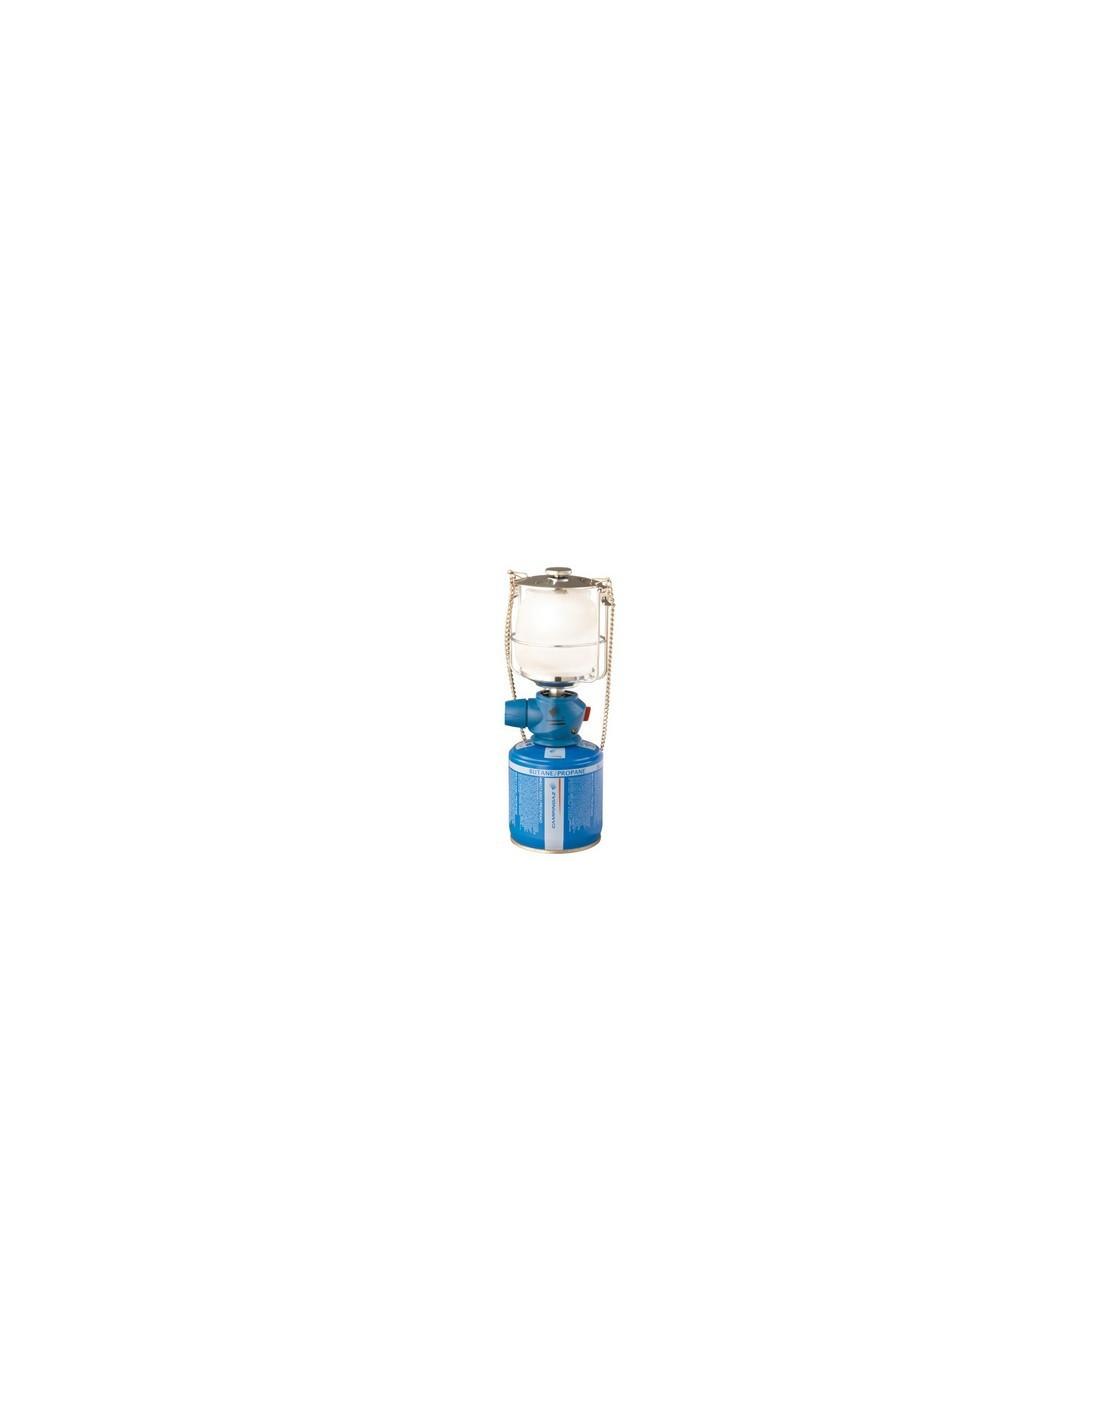 Lampe Lumostar Plus PZ Beleuchtungsart - Laternen, Maximale Leuchtweite - 50 bis 100 m, Lampenfarbe - Blau,